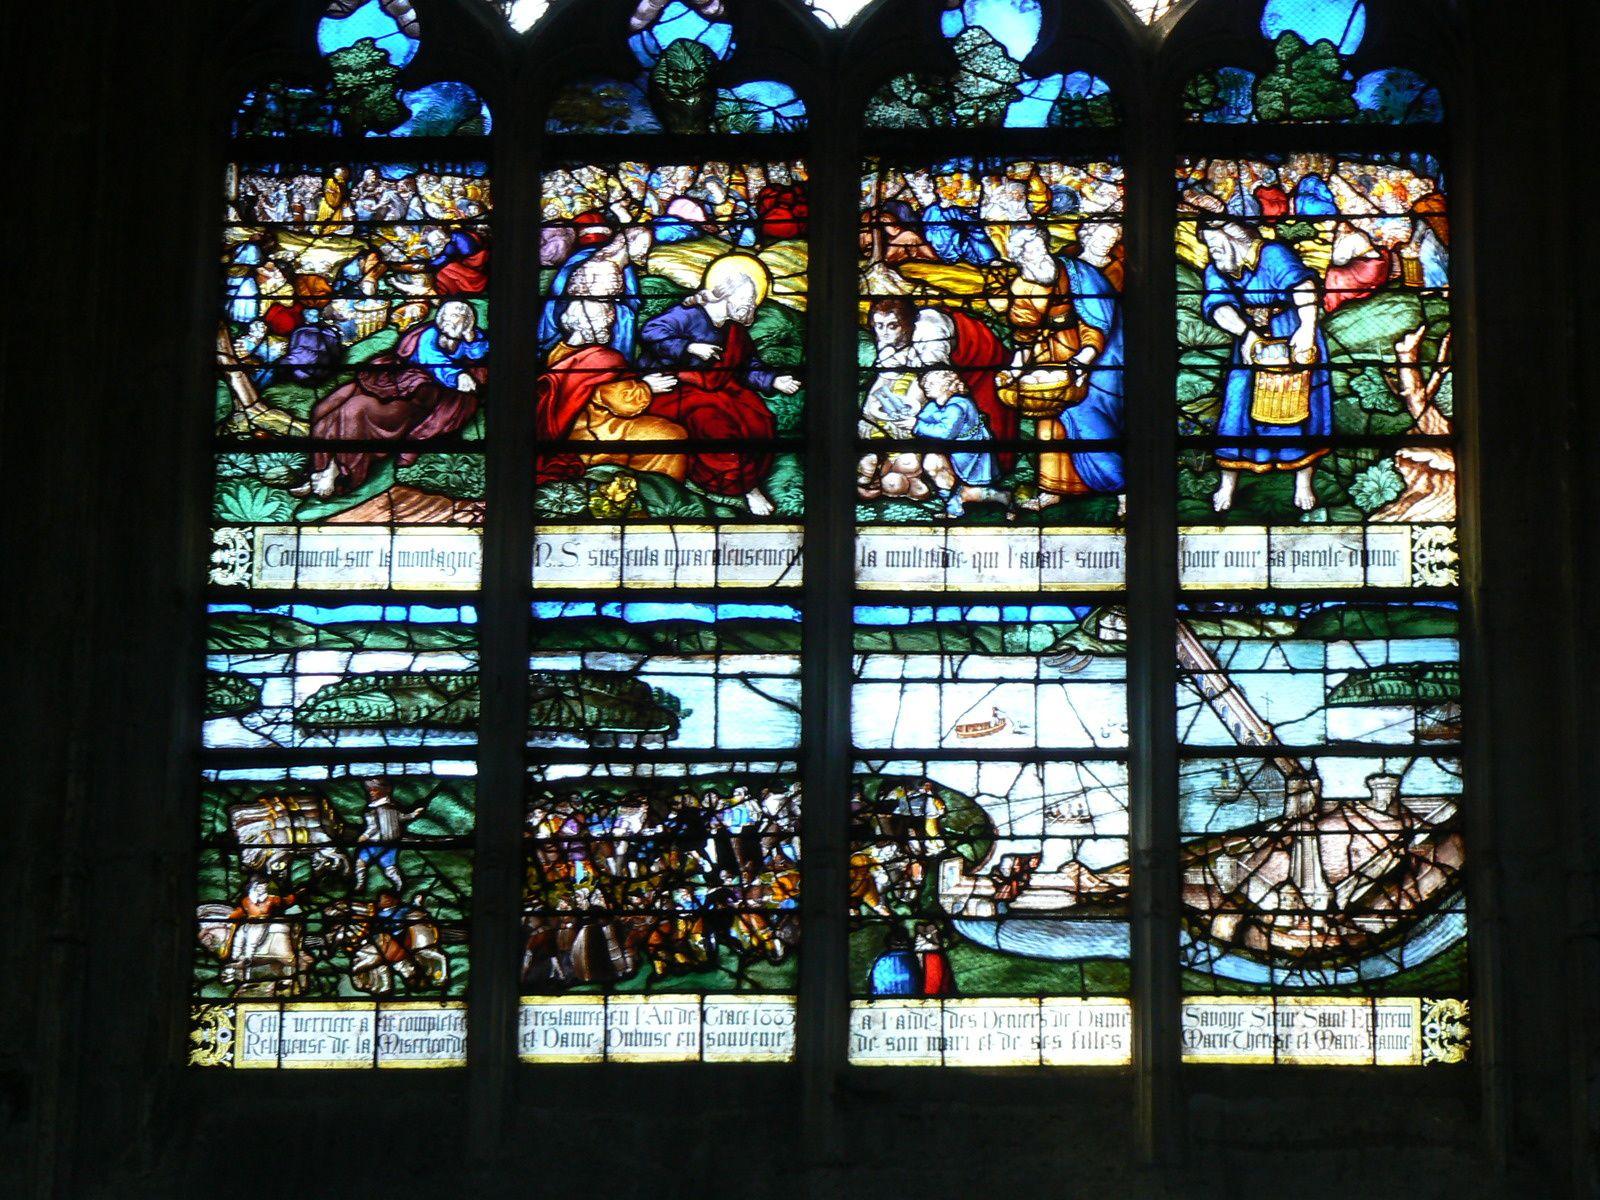 """Le vitrail dit du """"halage"""", daté de 1604, dans l'église Notre-Dame-des-arts, à Pont-de-l'Arche, montre le travail des monteurs de bateaux qui tiraient les cordes sous la conduite d'un maitre de pont afin que les bateaux ne cognent pas les piles du pont (clichés Armand Launay, décembre 2007)."""